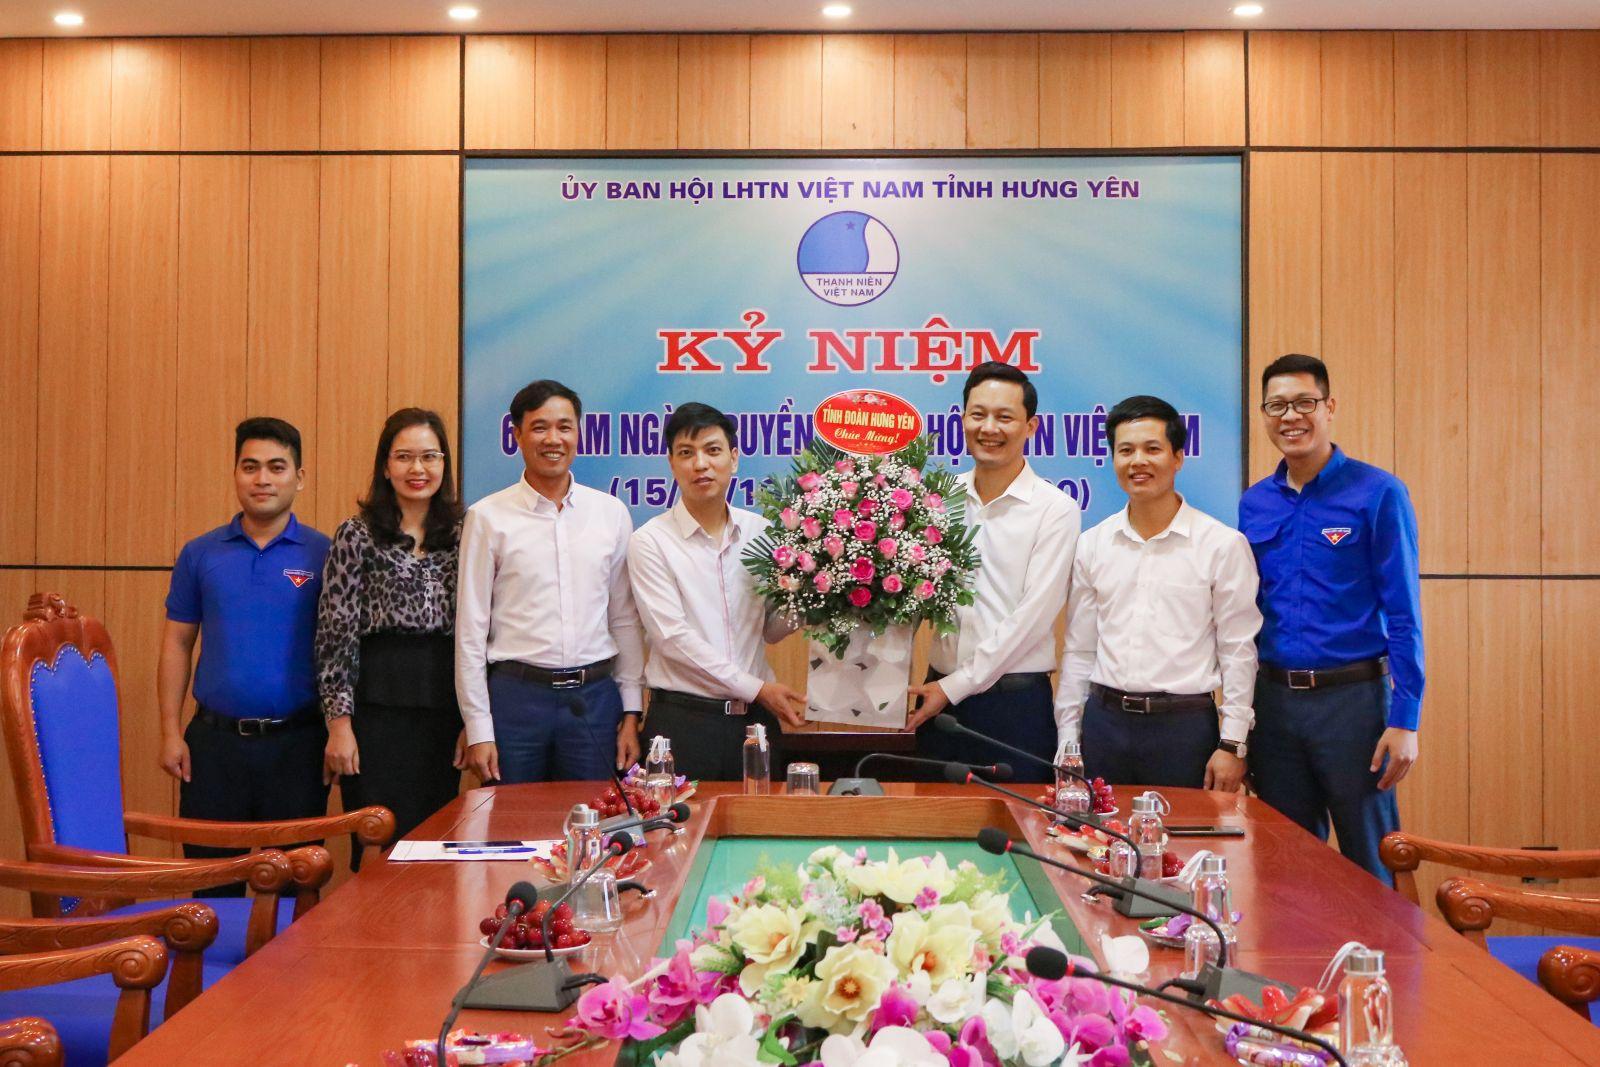 Hội Liên hiệp thanh niên Việt Nam tỉnh kỷ niệm 64 năm Ngày truyền thống Hội LHTN Việt Nam và công bố quyết định về công tác cán bộ